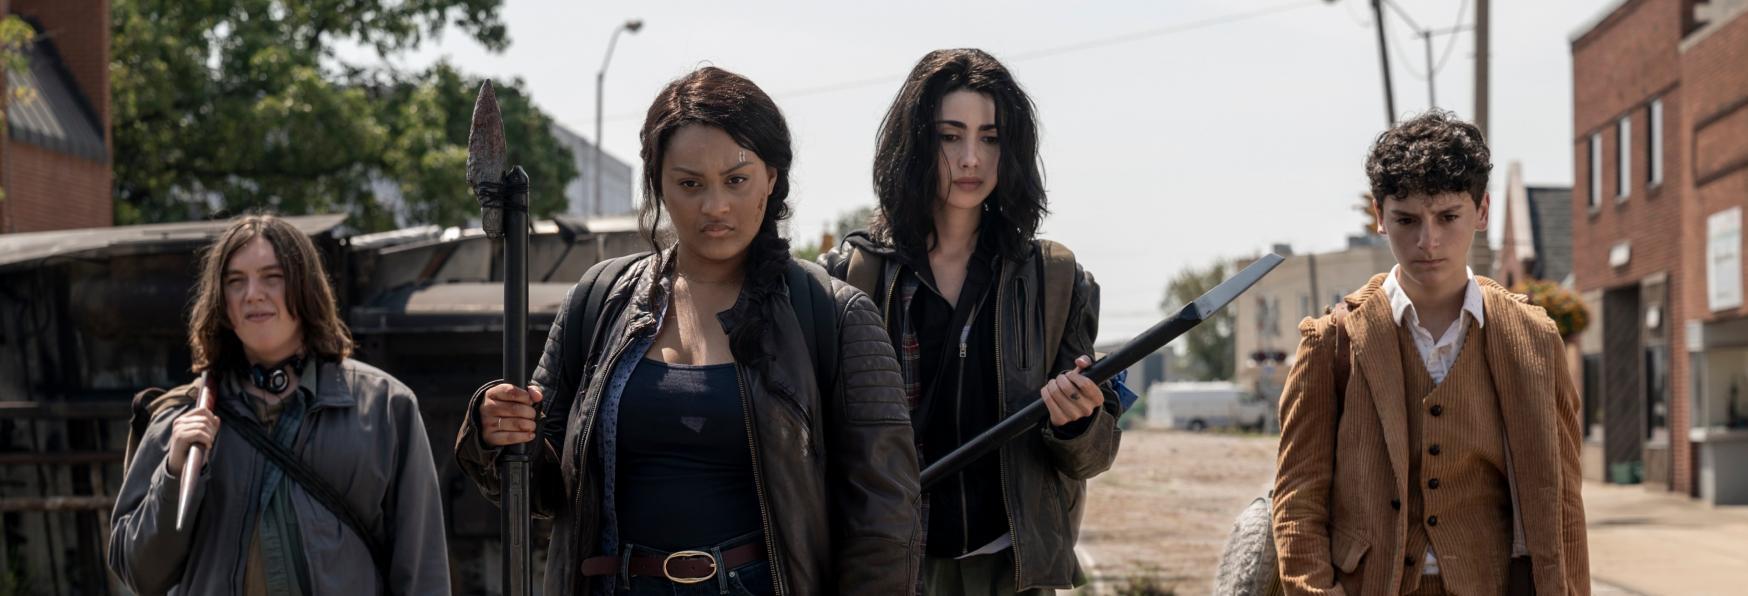 The Walking Dead: World Beyond 2 - Max Osinski nel Cast della nuova Stagione